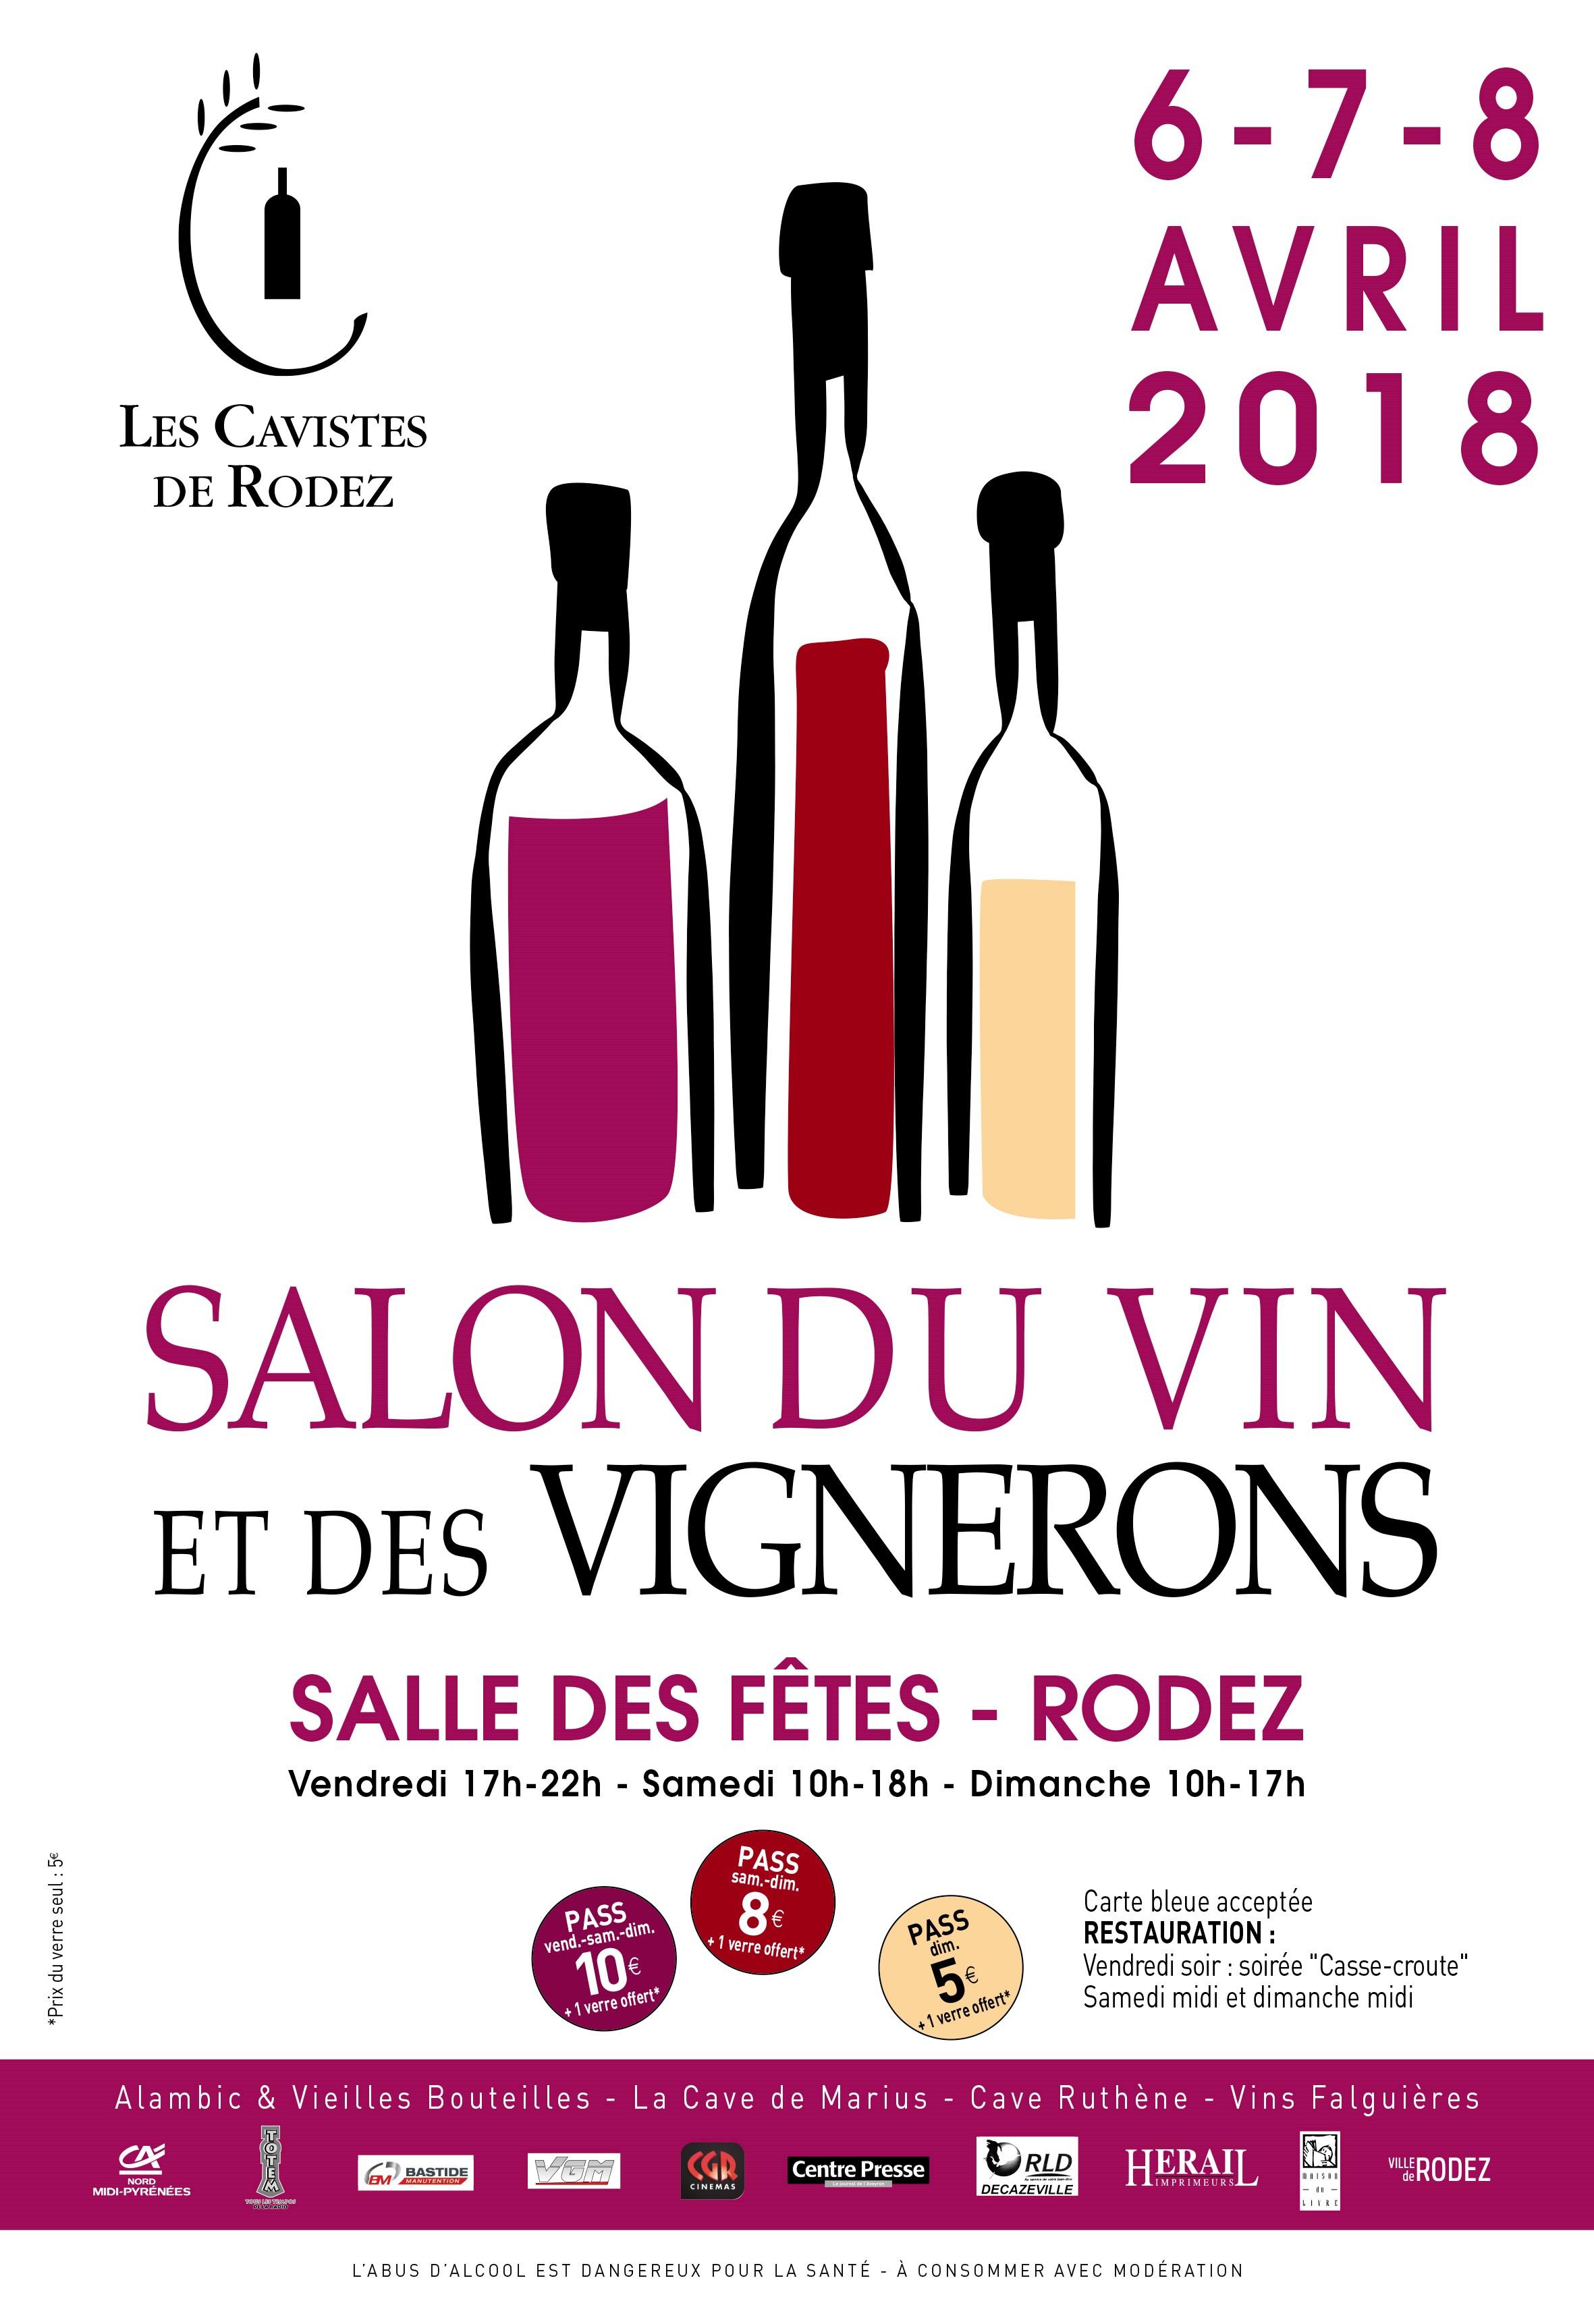 La maille de catherine andr parcourt le monde entier - Salon du vin versailles ...